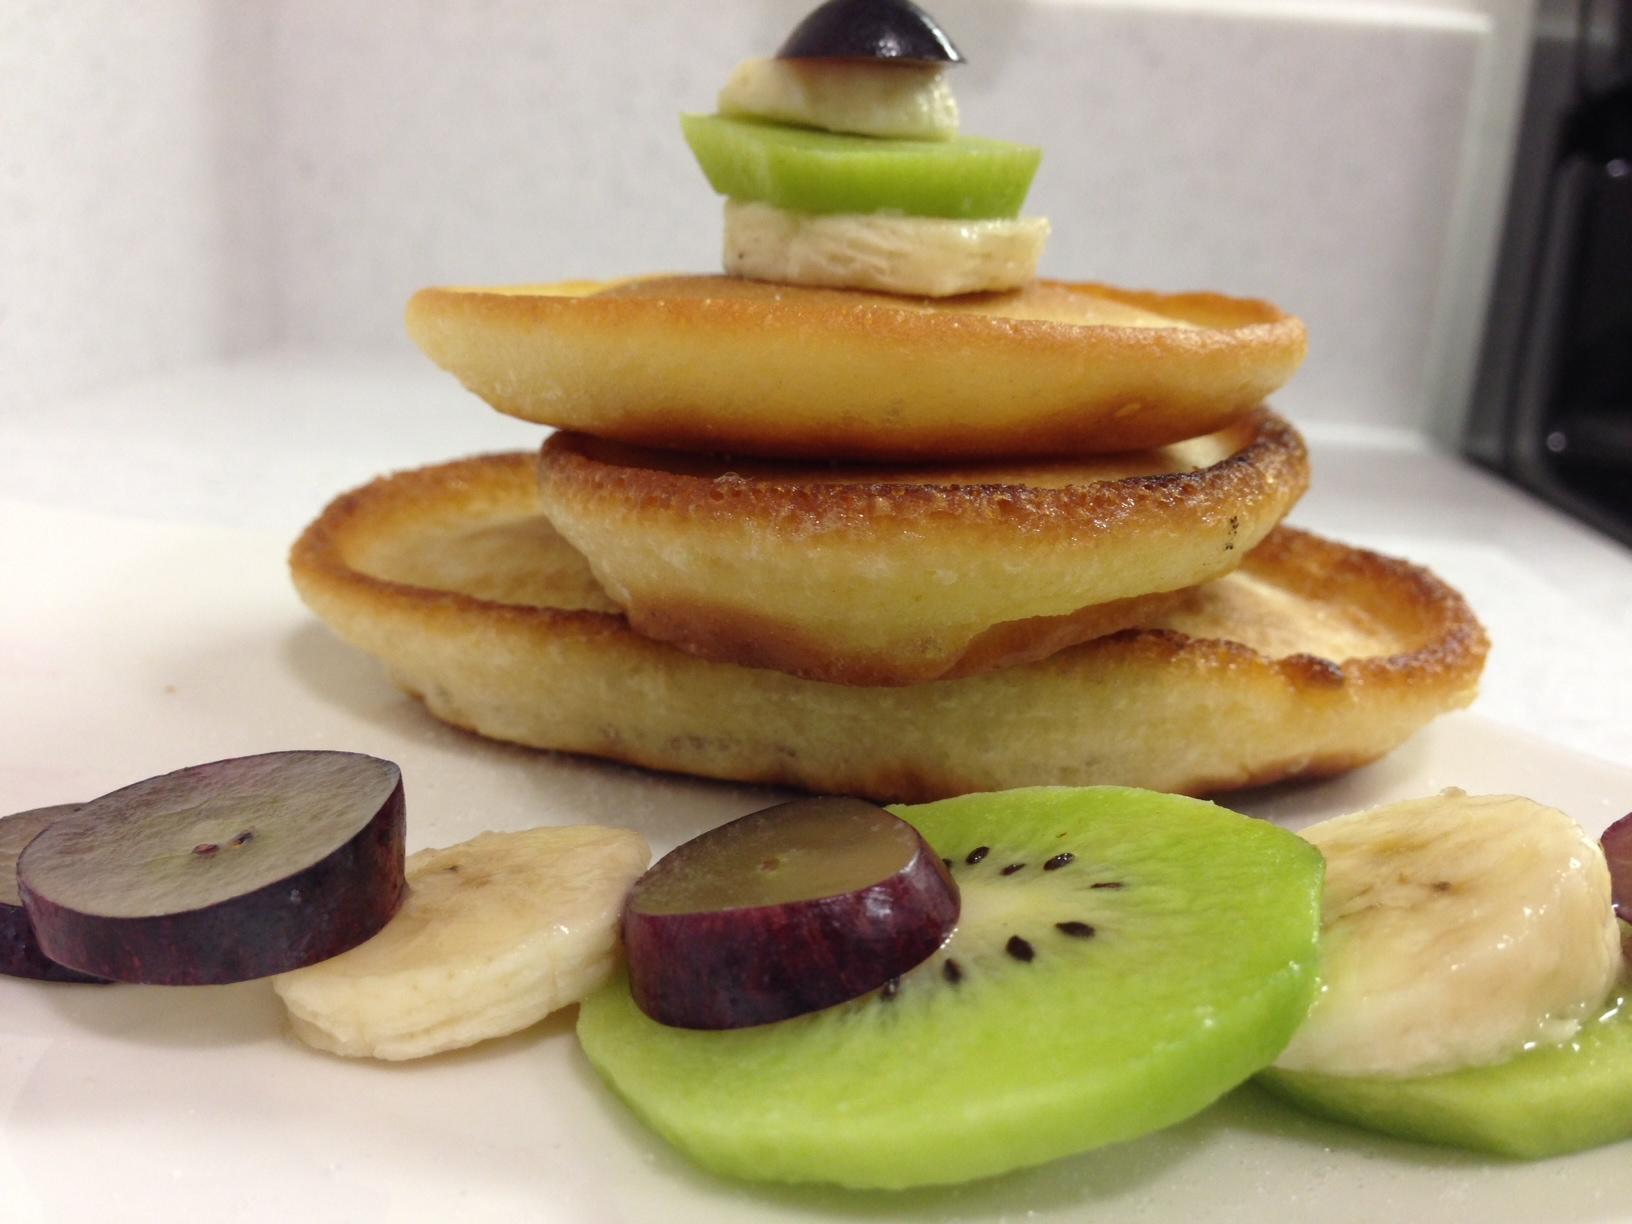 Nigerian pancake recipe afrolems nigerian food blog nigerian pancake with fruits ccuart Gallery